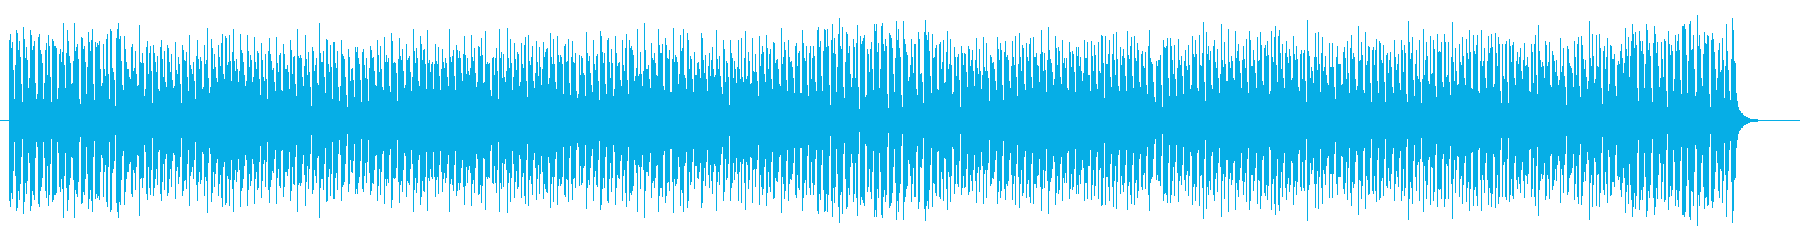 明るくメルヘンなシンセサイザーサウンドの再生済みの波形